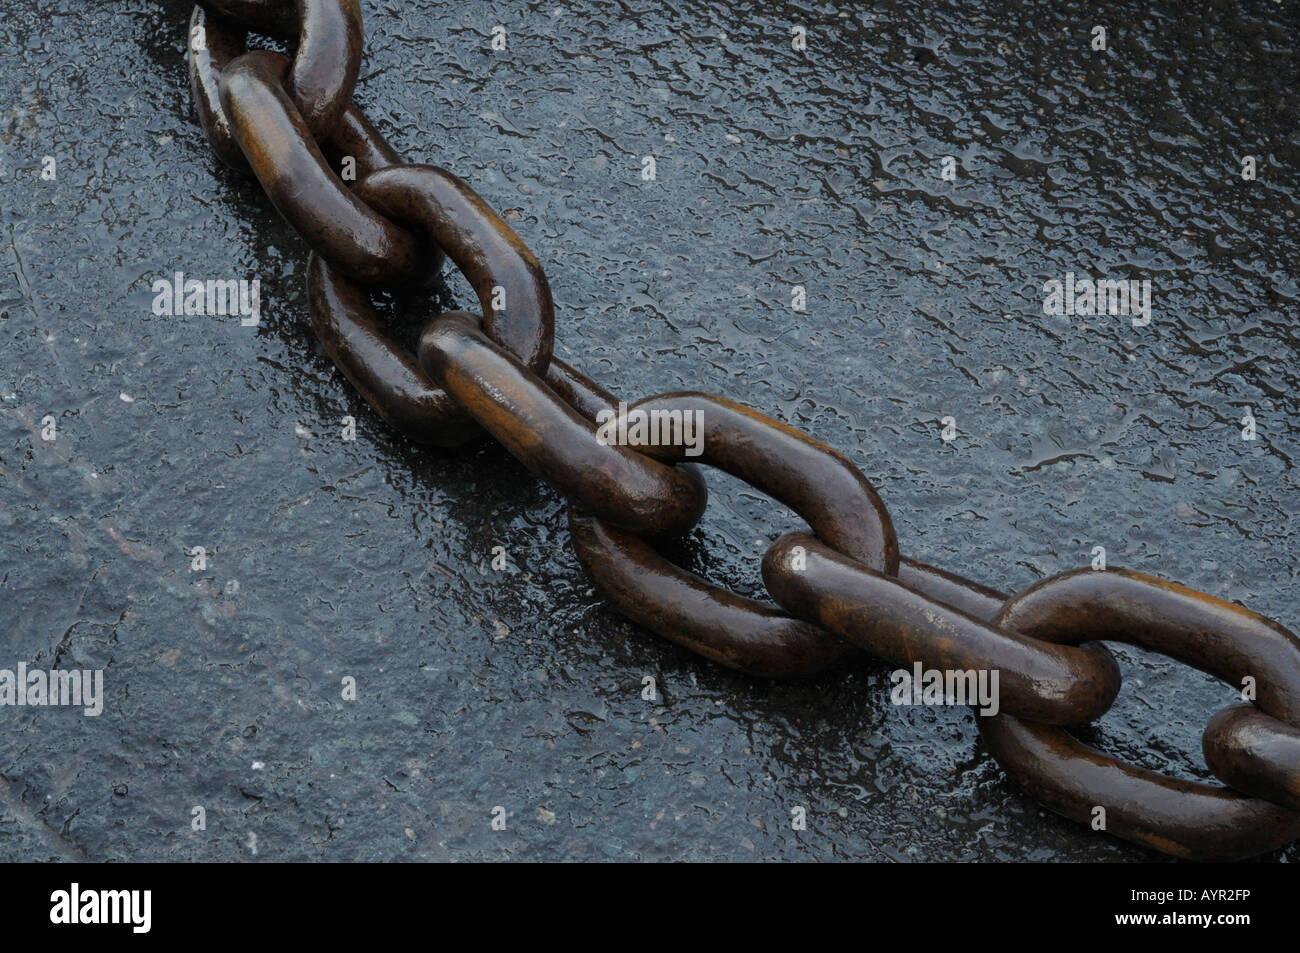 Iron chain on wet asphalt Stock Photo